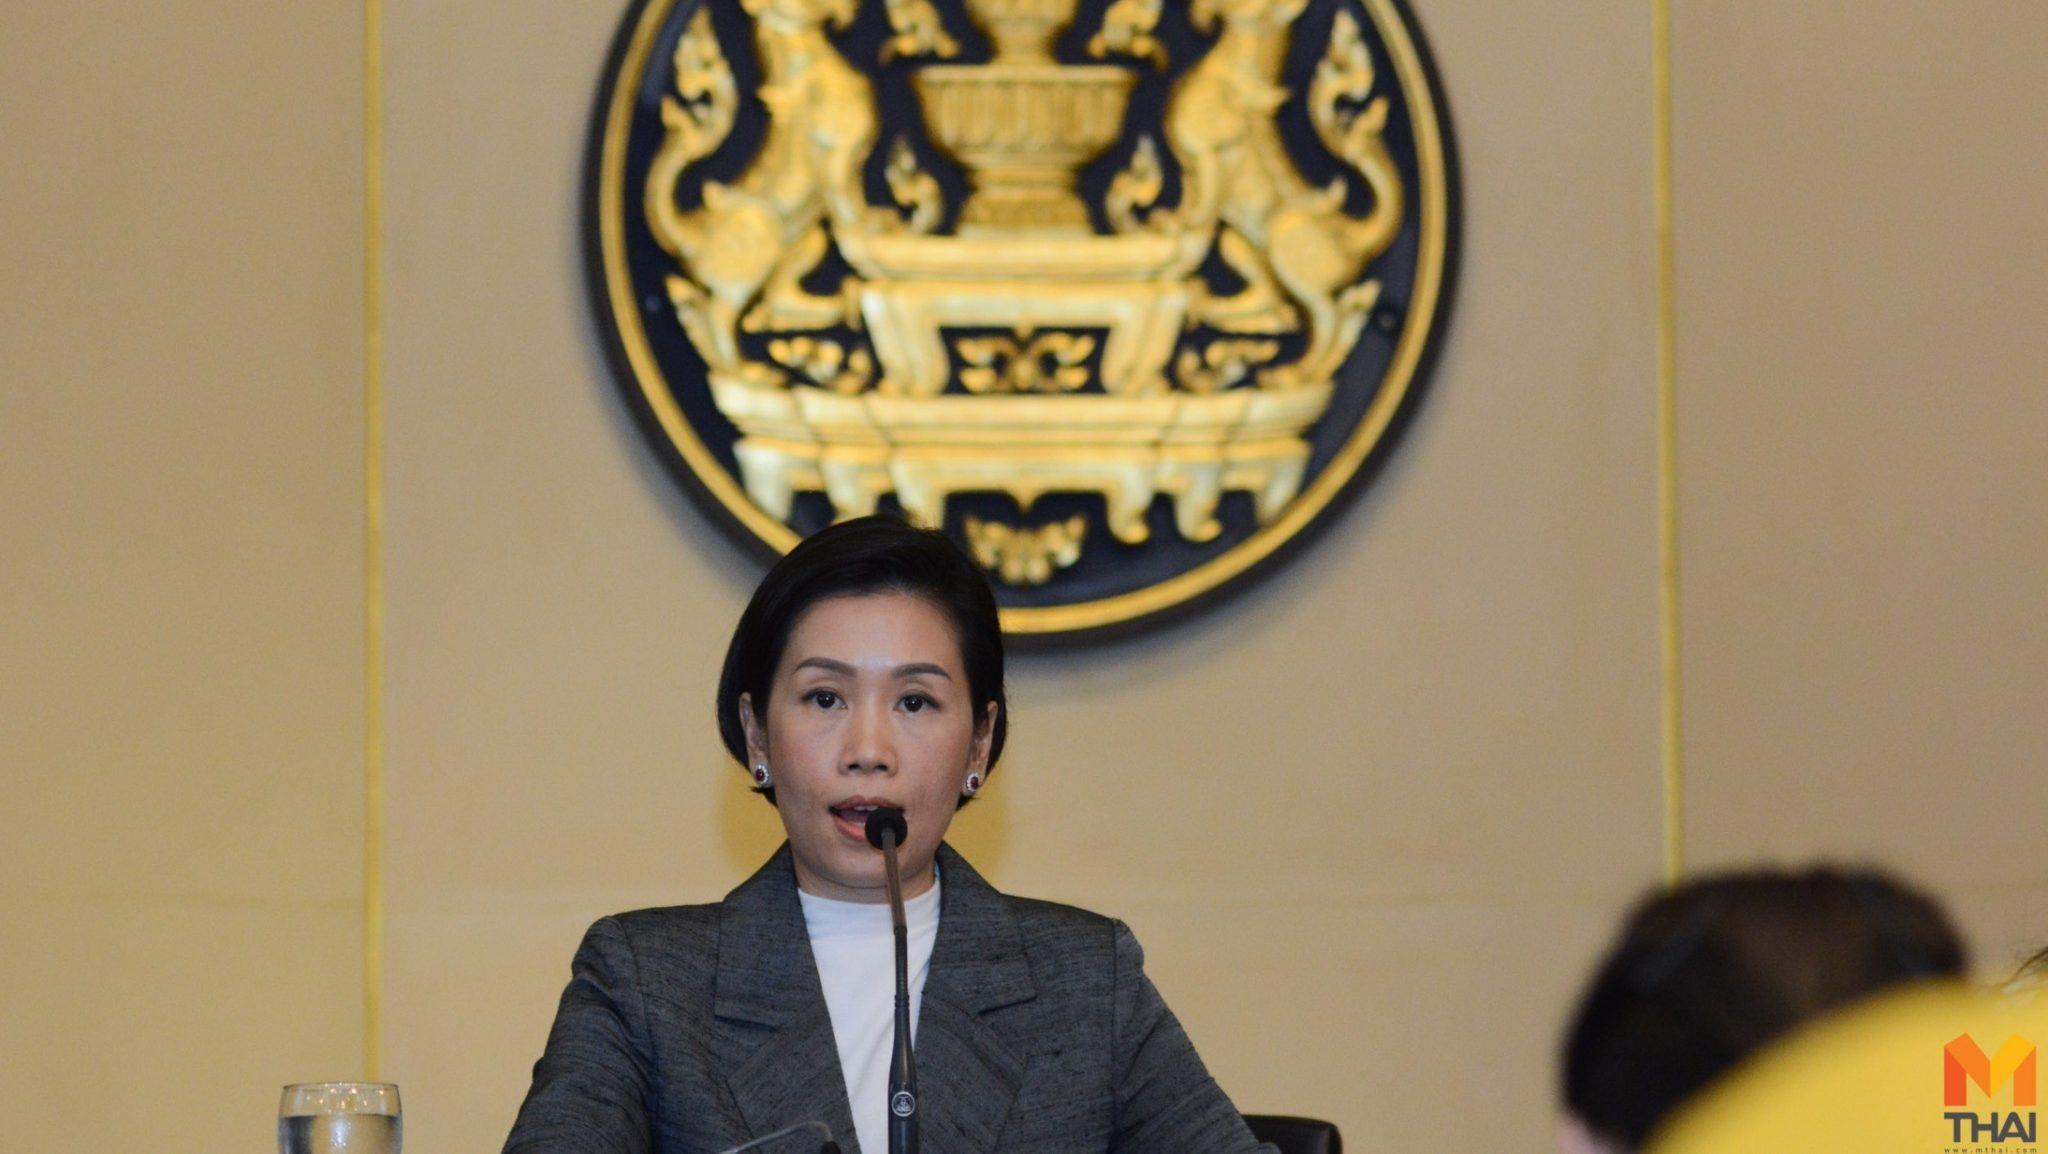 กระทรวงมหาดไทย ข่าวสดวันนี้ ประชุมคณะรัฐมนตรี เงินเดือนกำนัน โครงการมารดาประชารัฐ